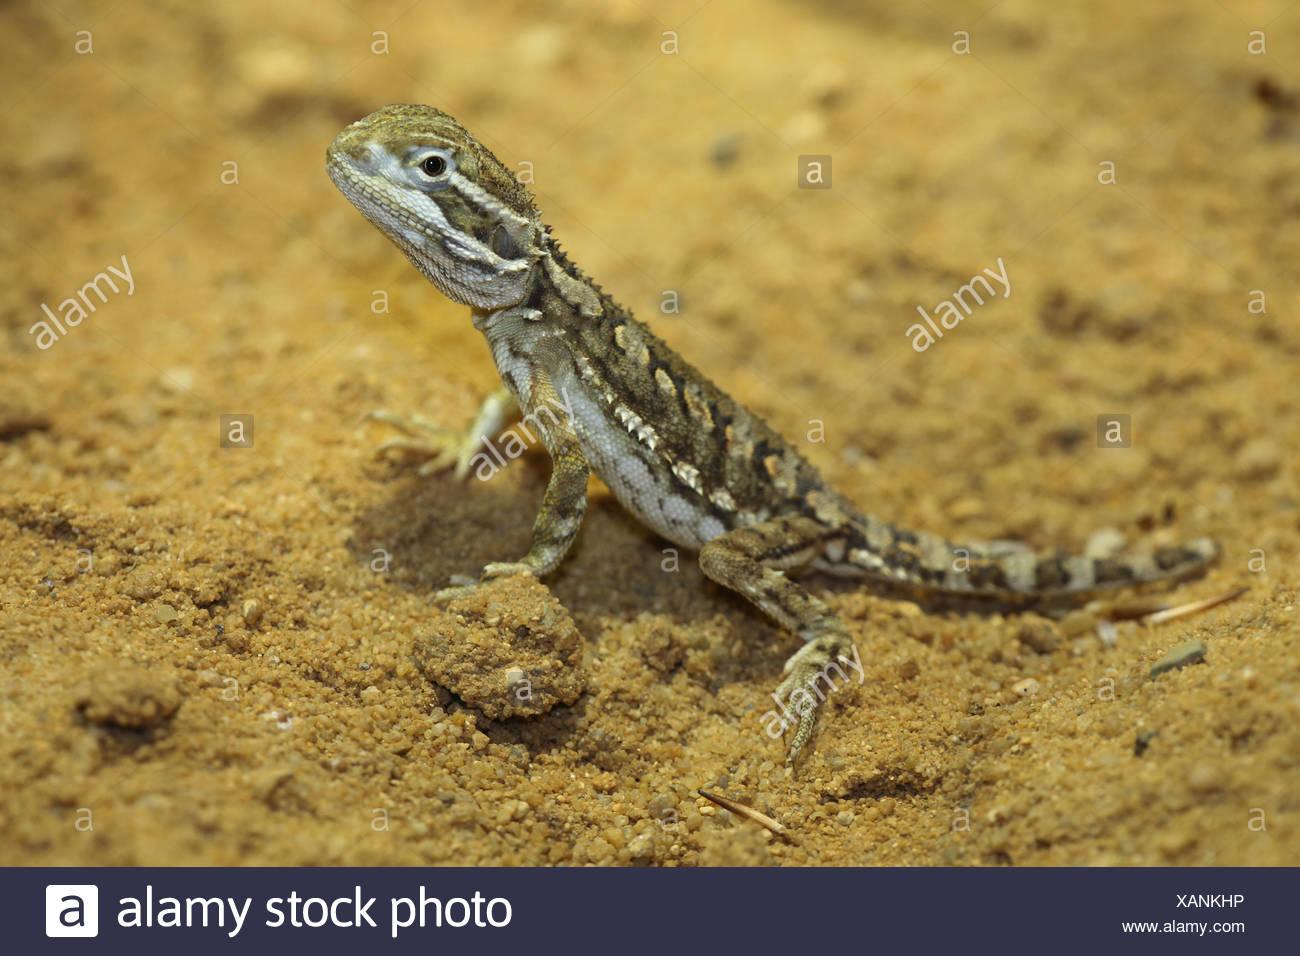 Rankin's dragon, Pogona henrylawsoni - Stock Image